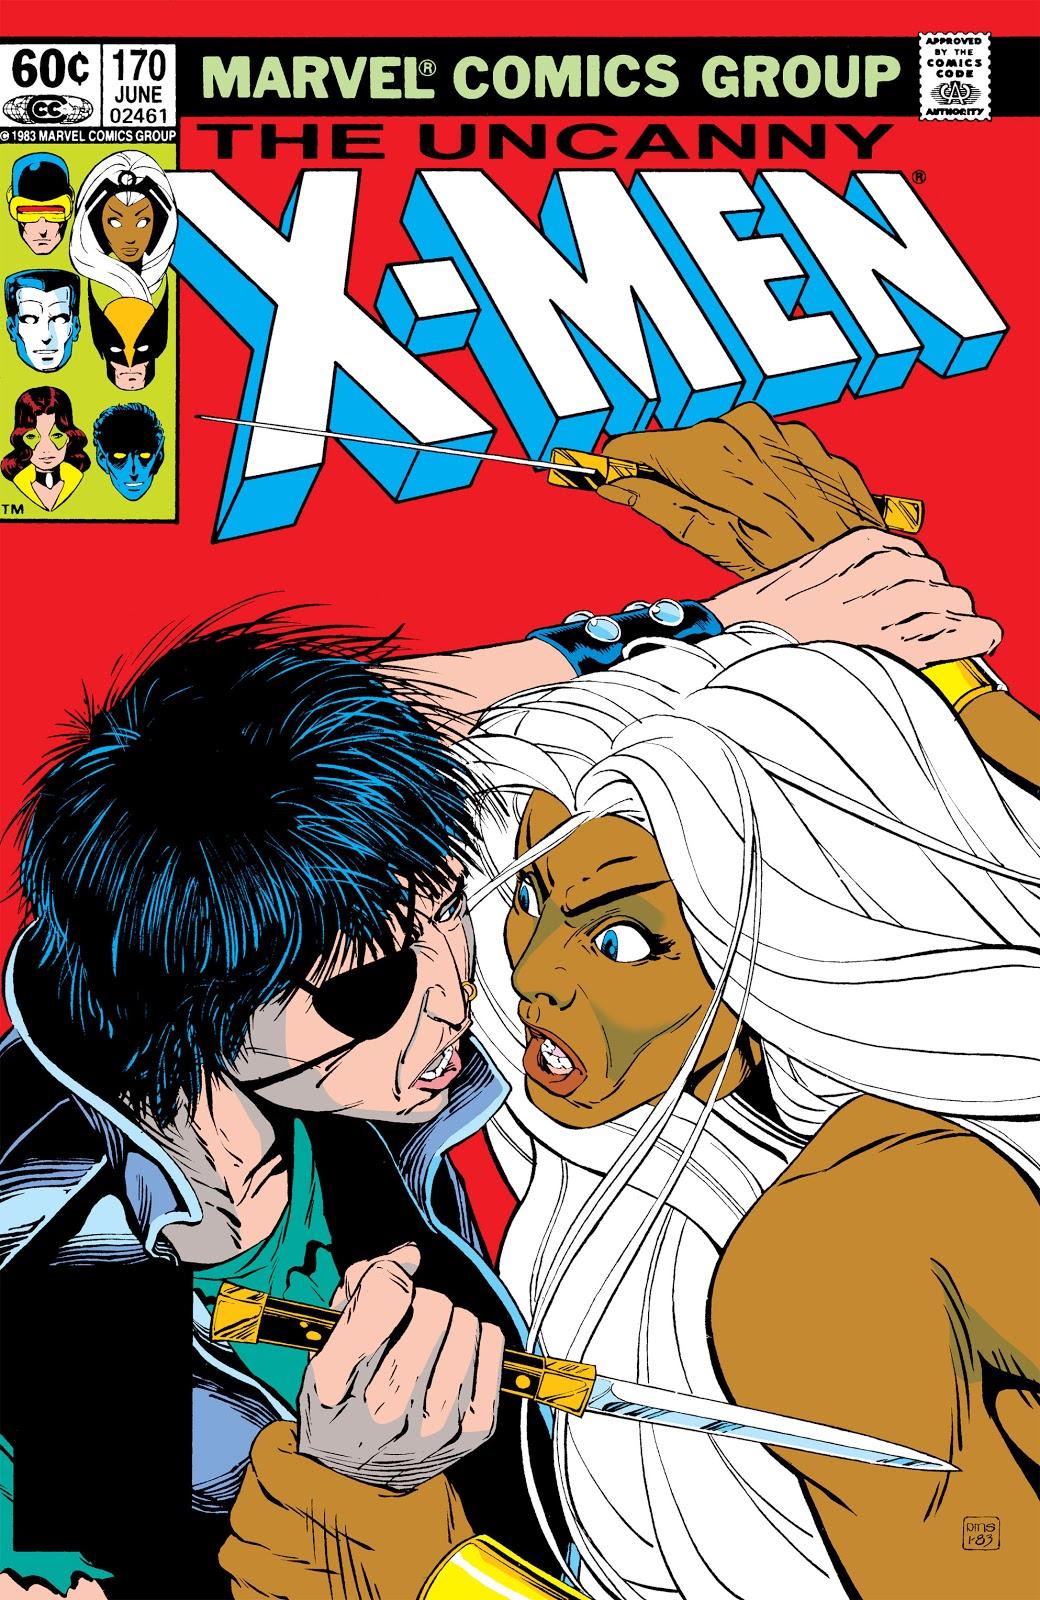 Uncanny X-Men Vol 1 170